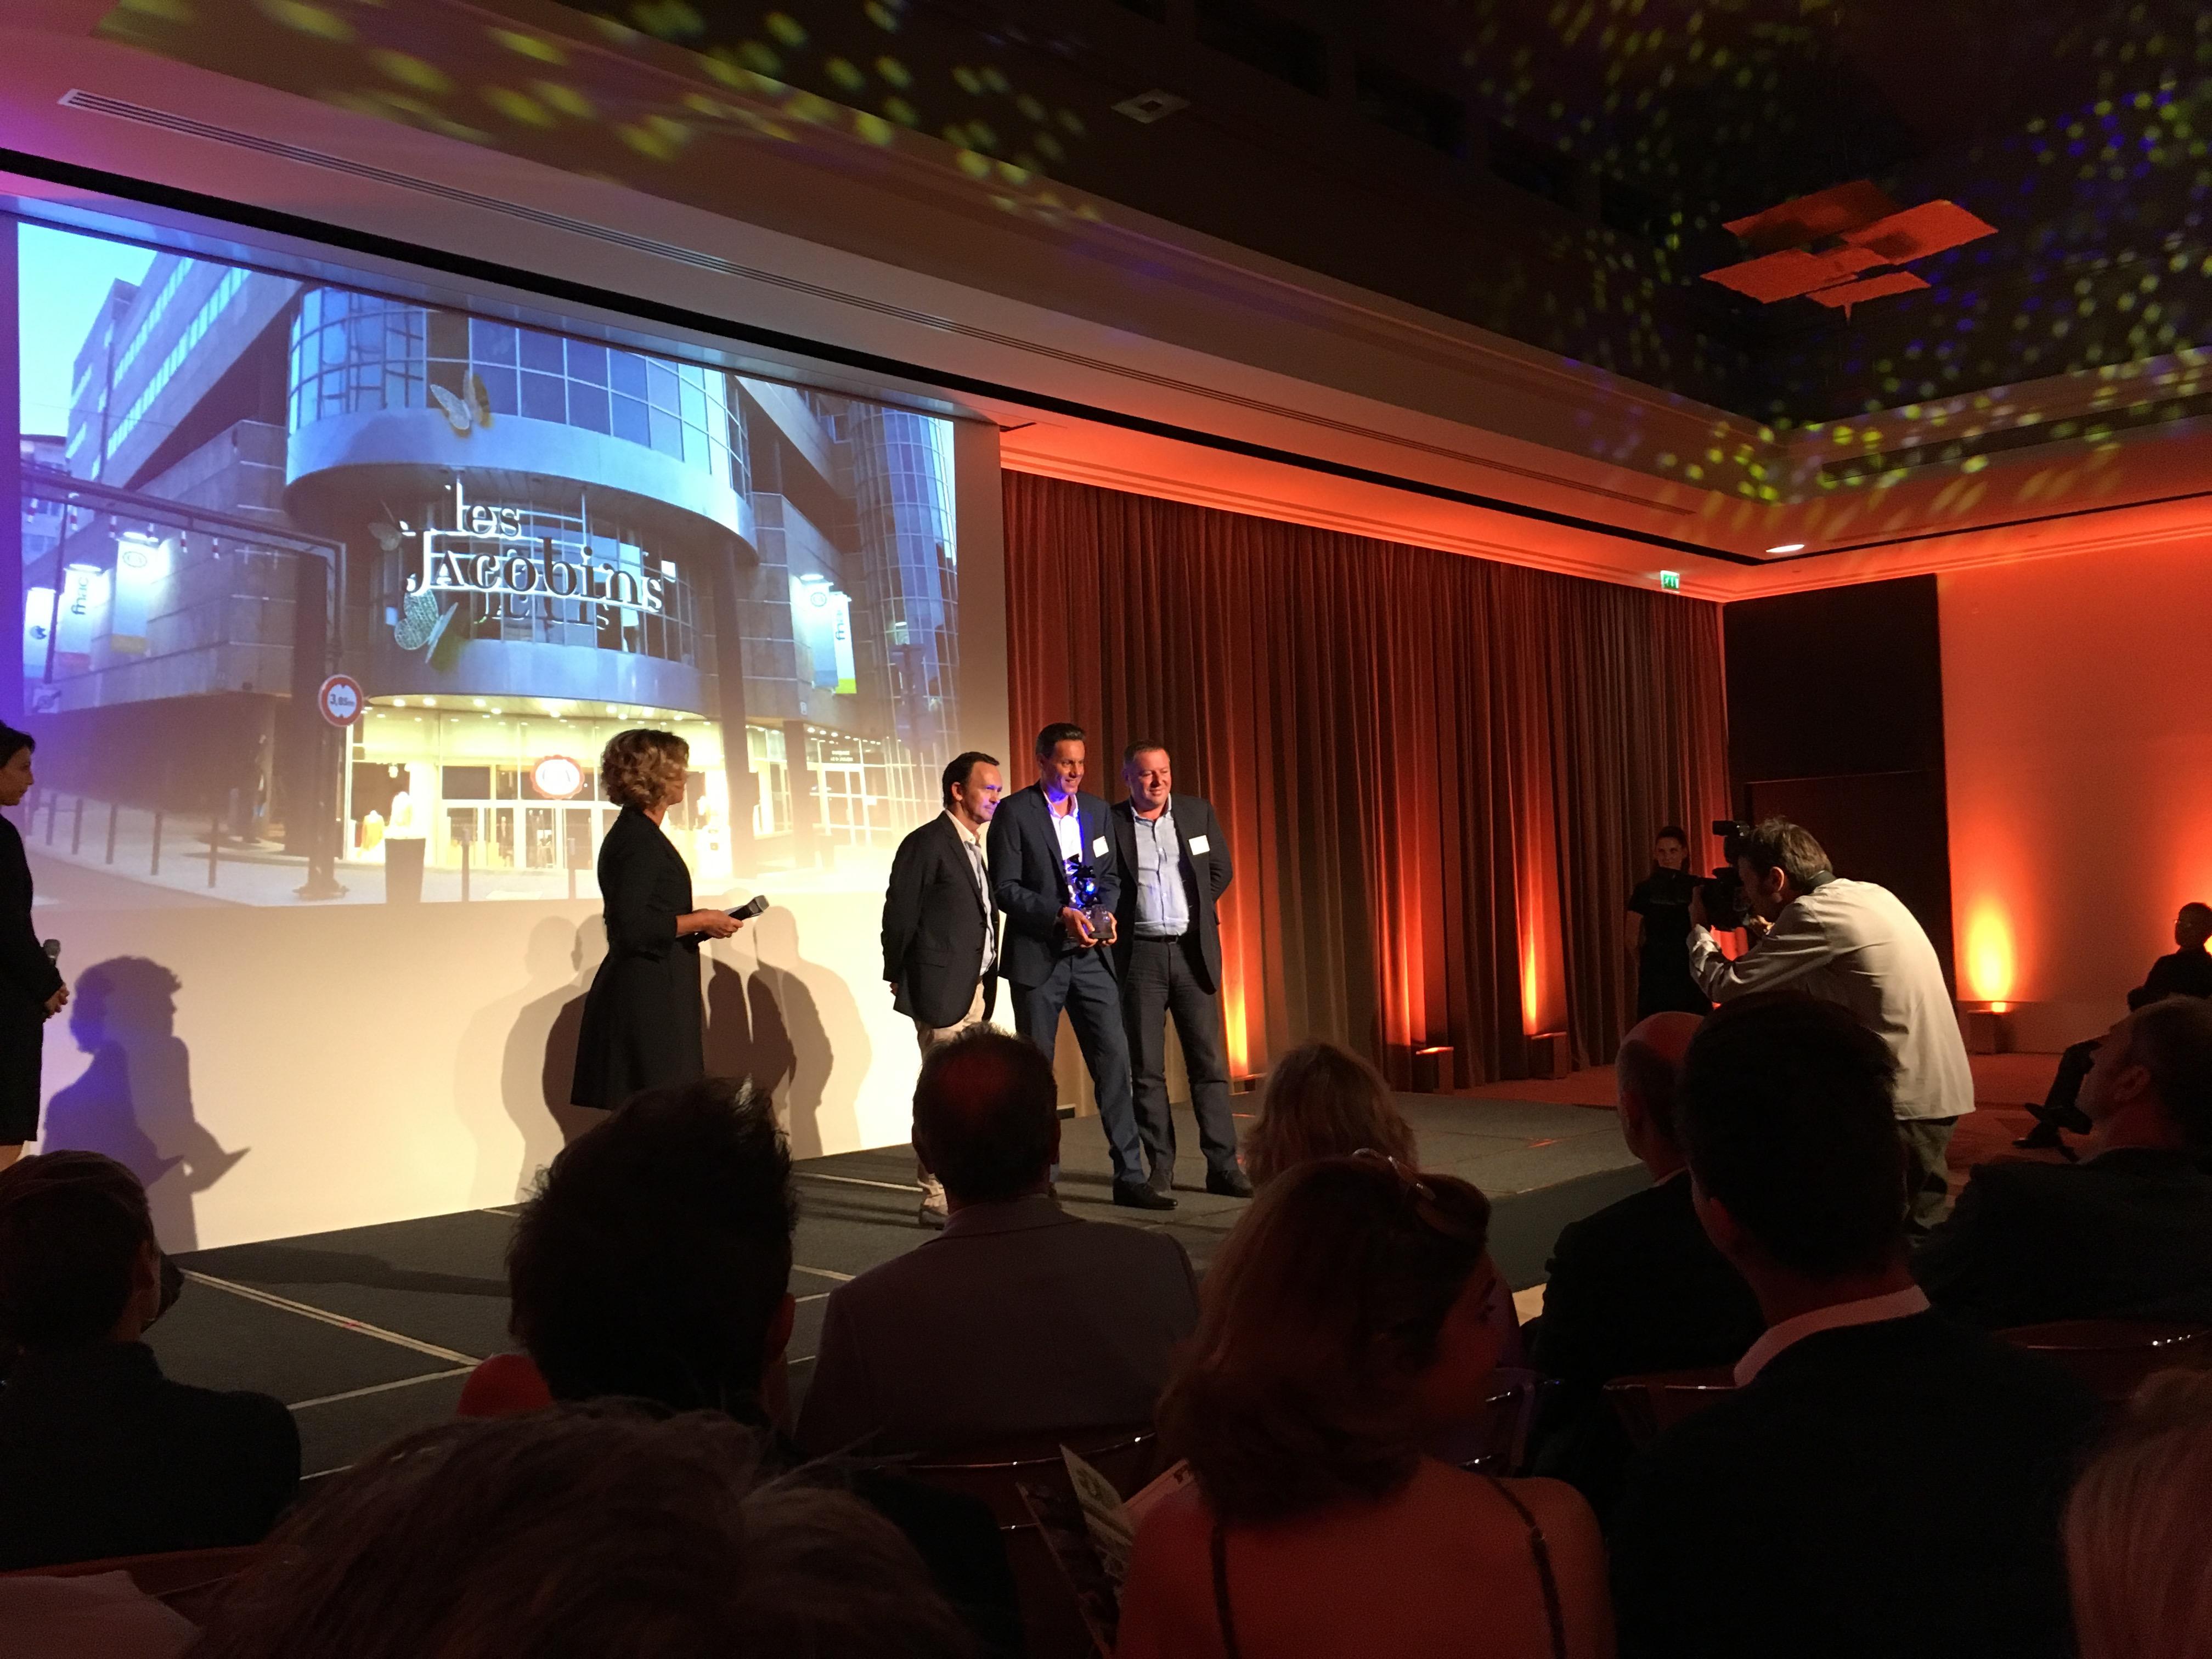 Actif Signal remporte le prix de l'Enseigne unitaire ICONA D'OR 2016 avec « Le Centre Commercial Les Jacobins ».